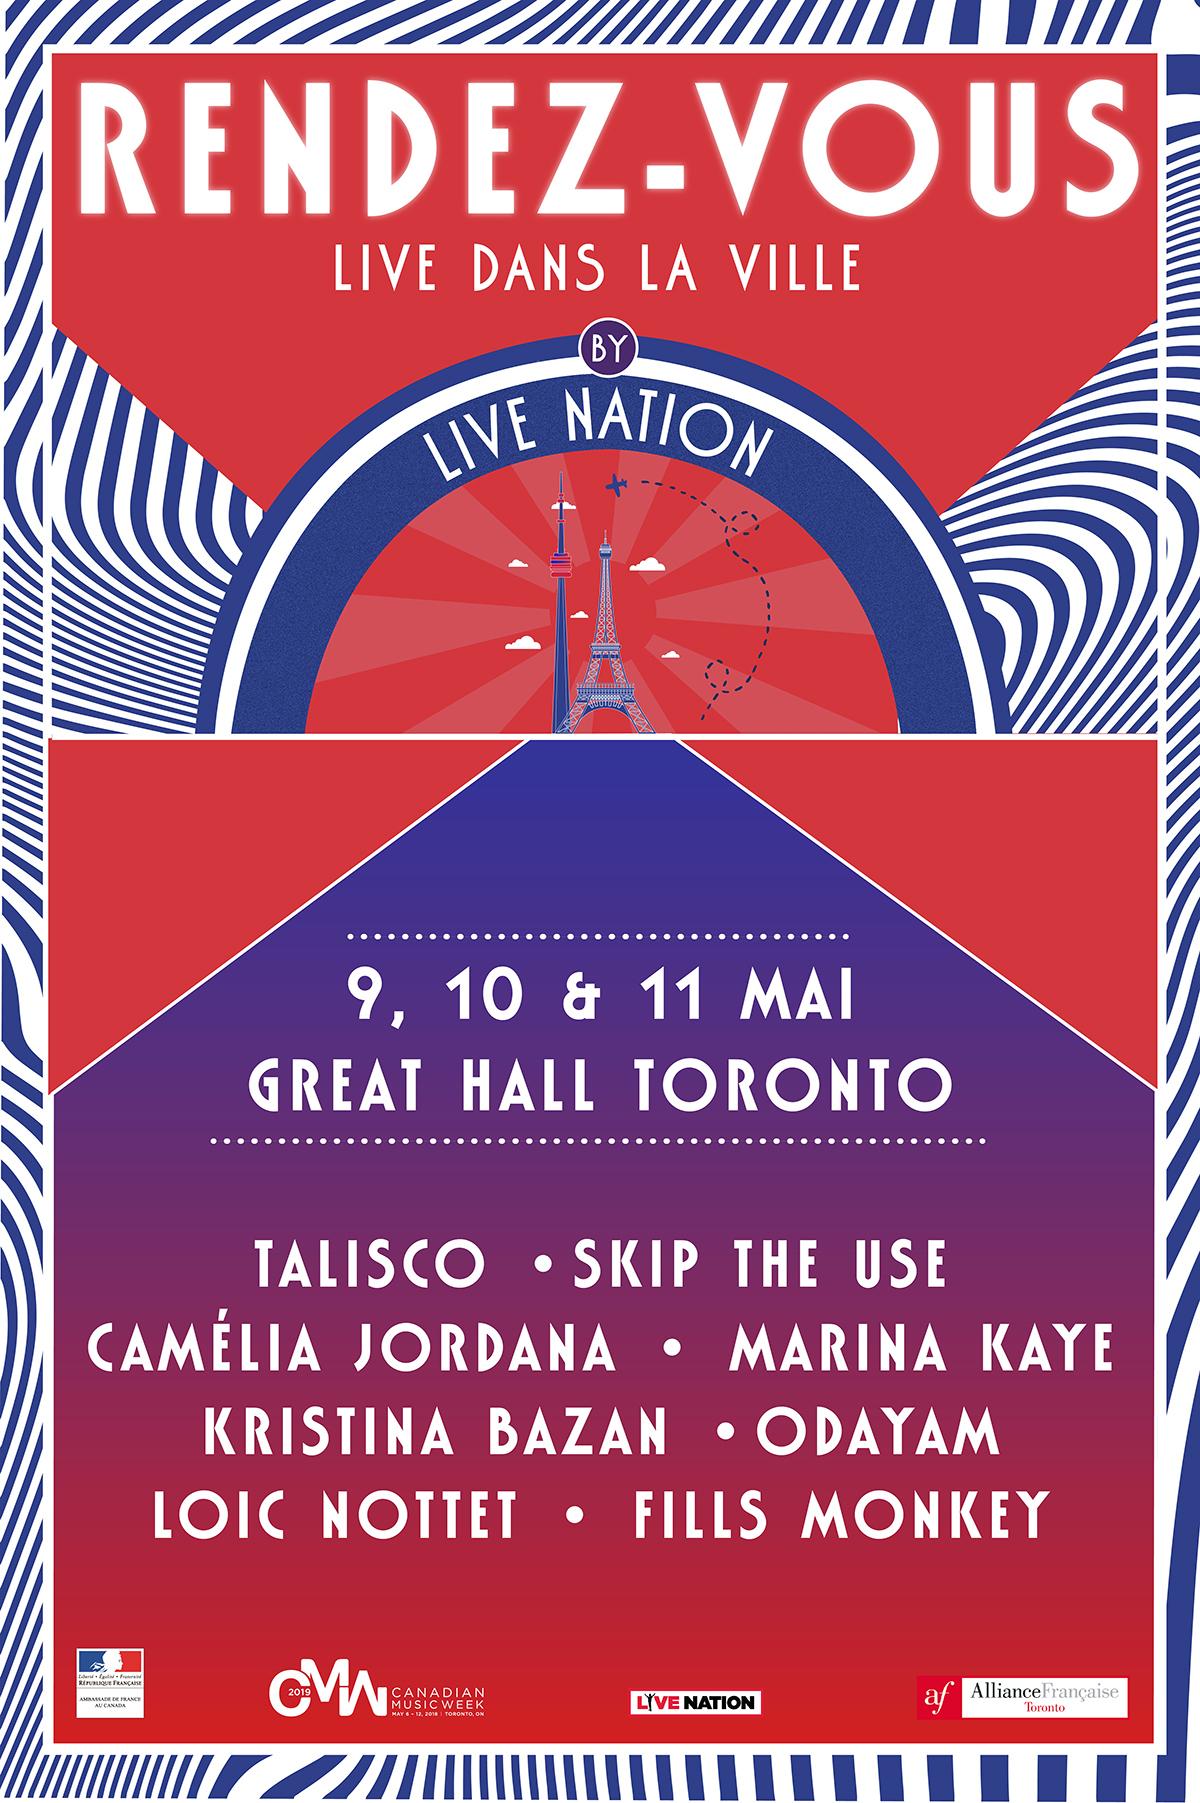 TORONTO – RENDEZ-VOUS : LIVE DANS LA VILLE BY LIVE NATION @THE GREAT